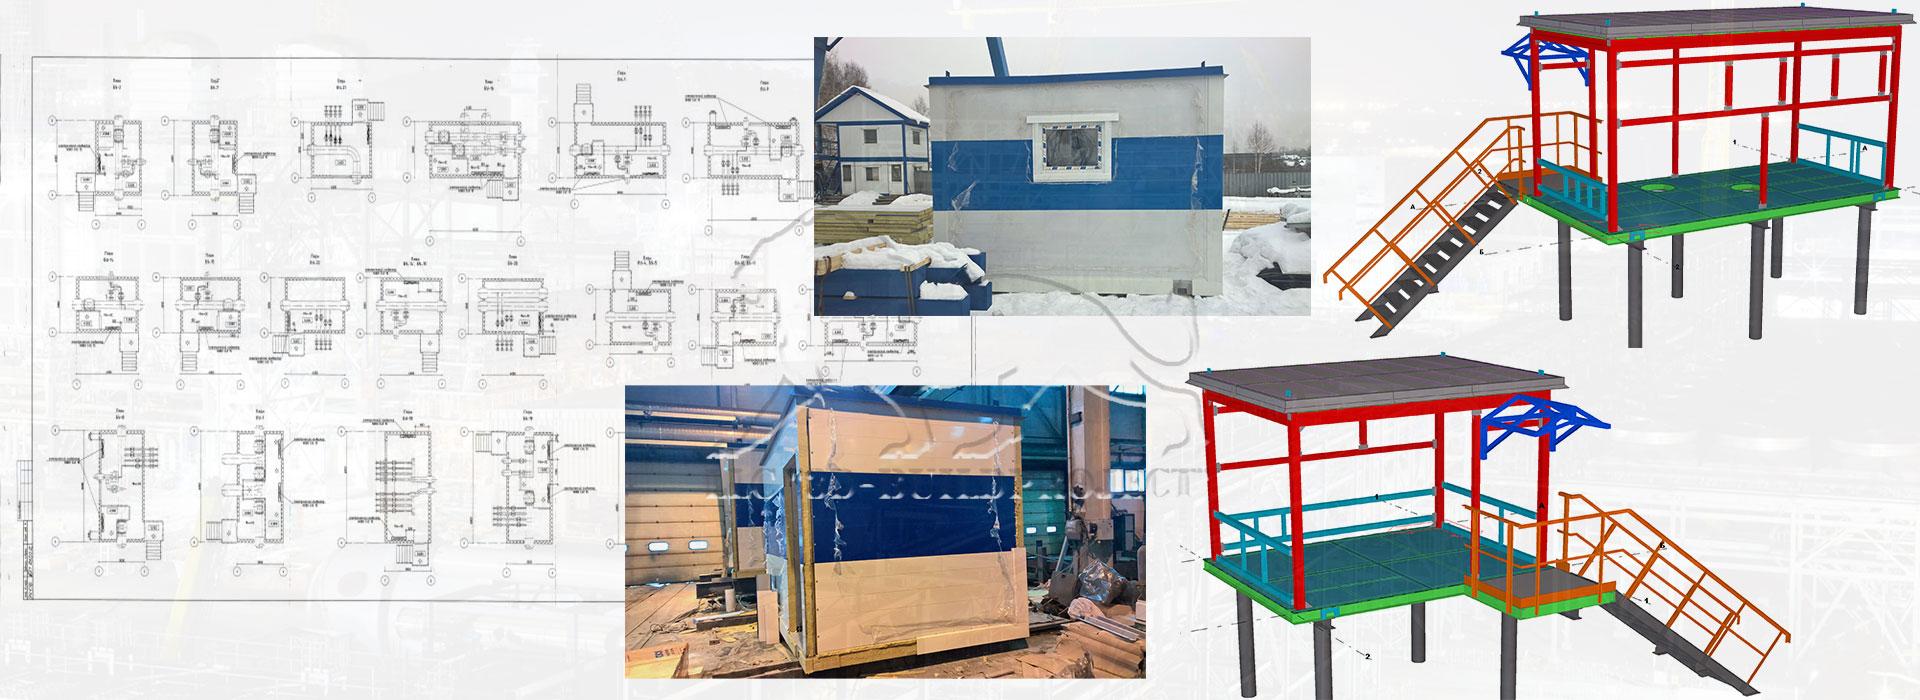 проект организации строительства модульной котельной